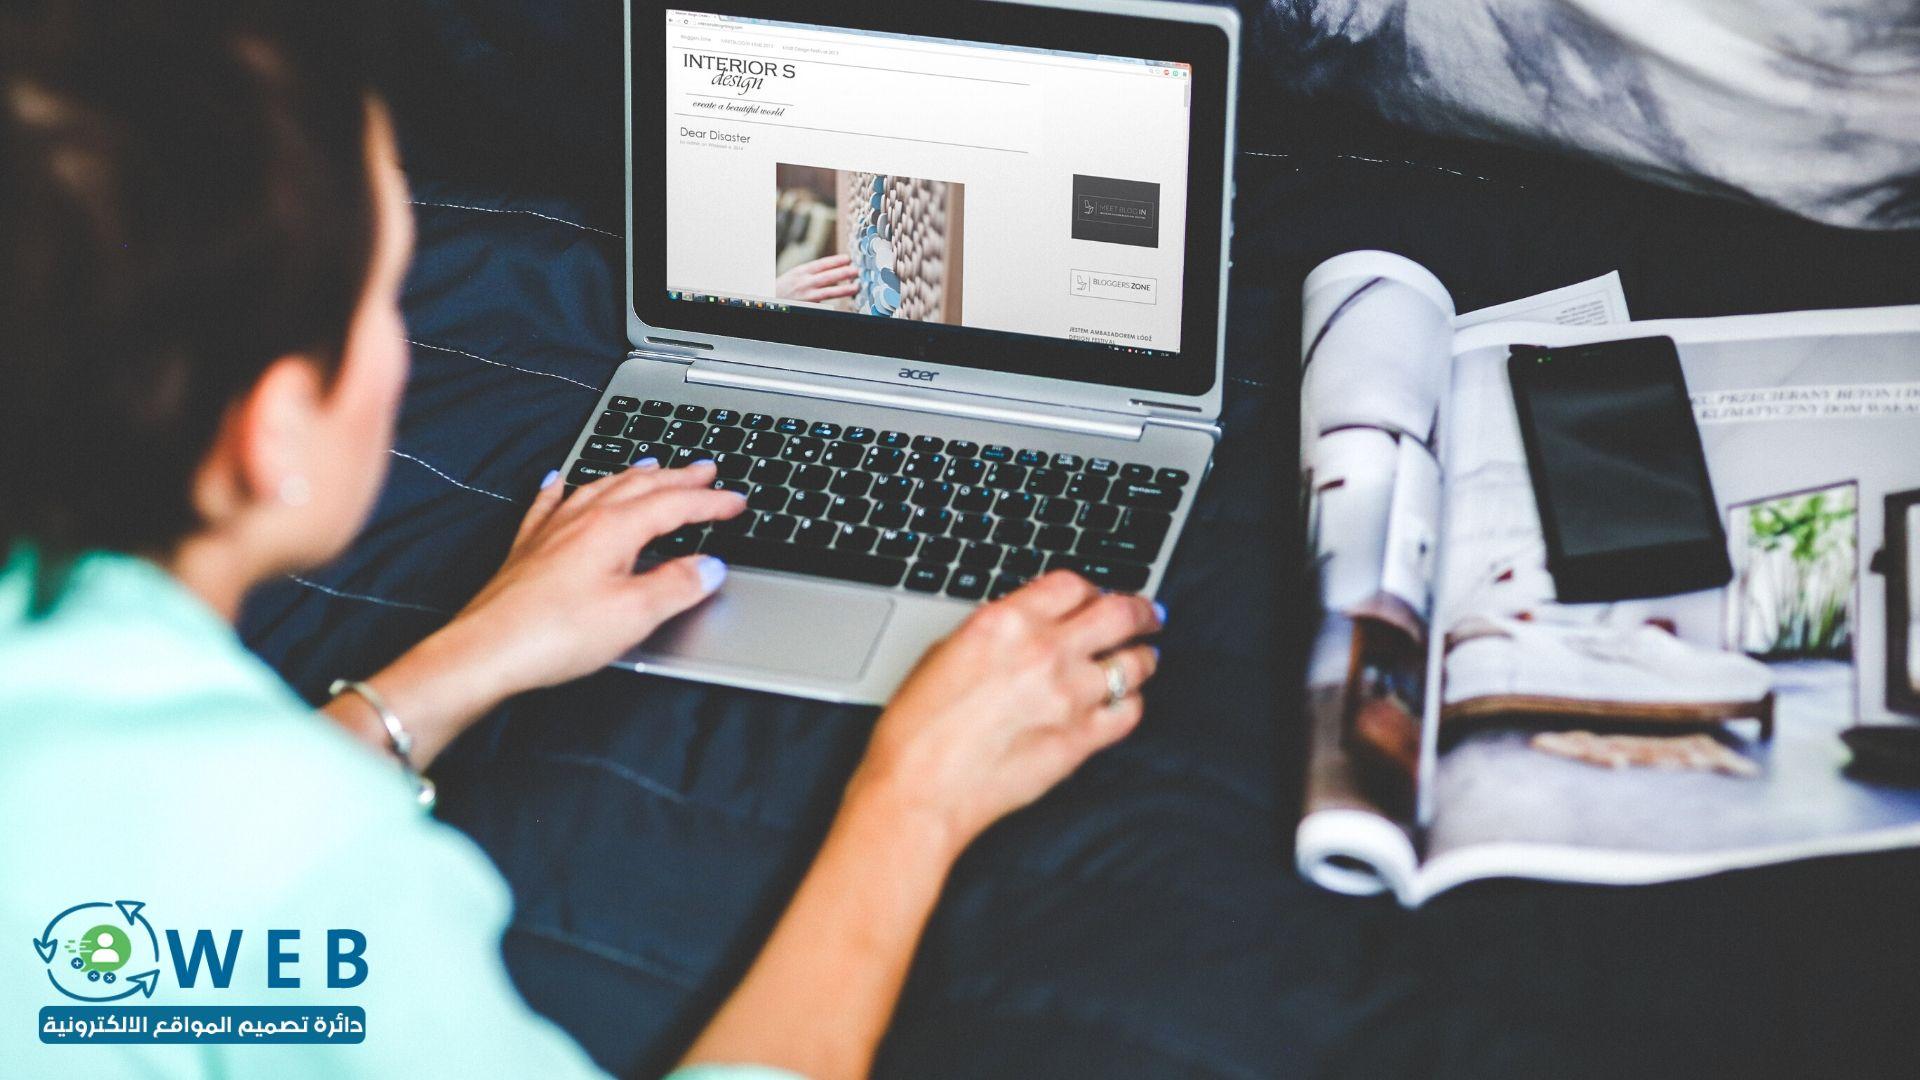 دائرة تصميم المواقع الإلكترونية - محاسب ديليفري